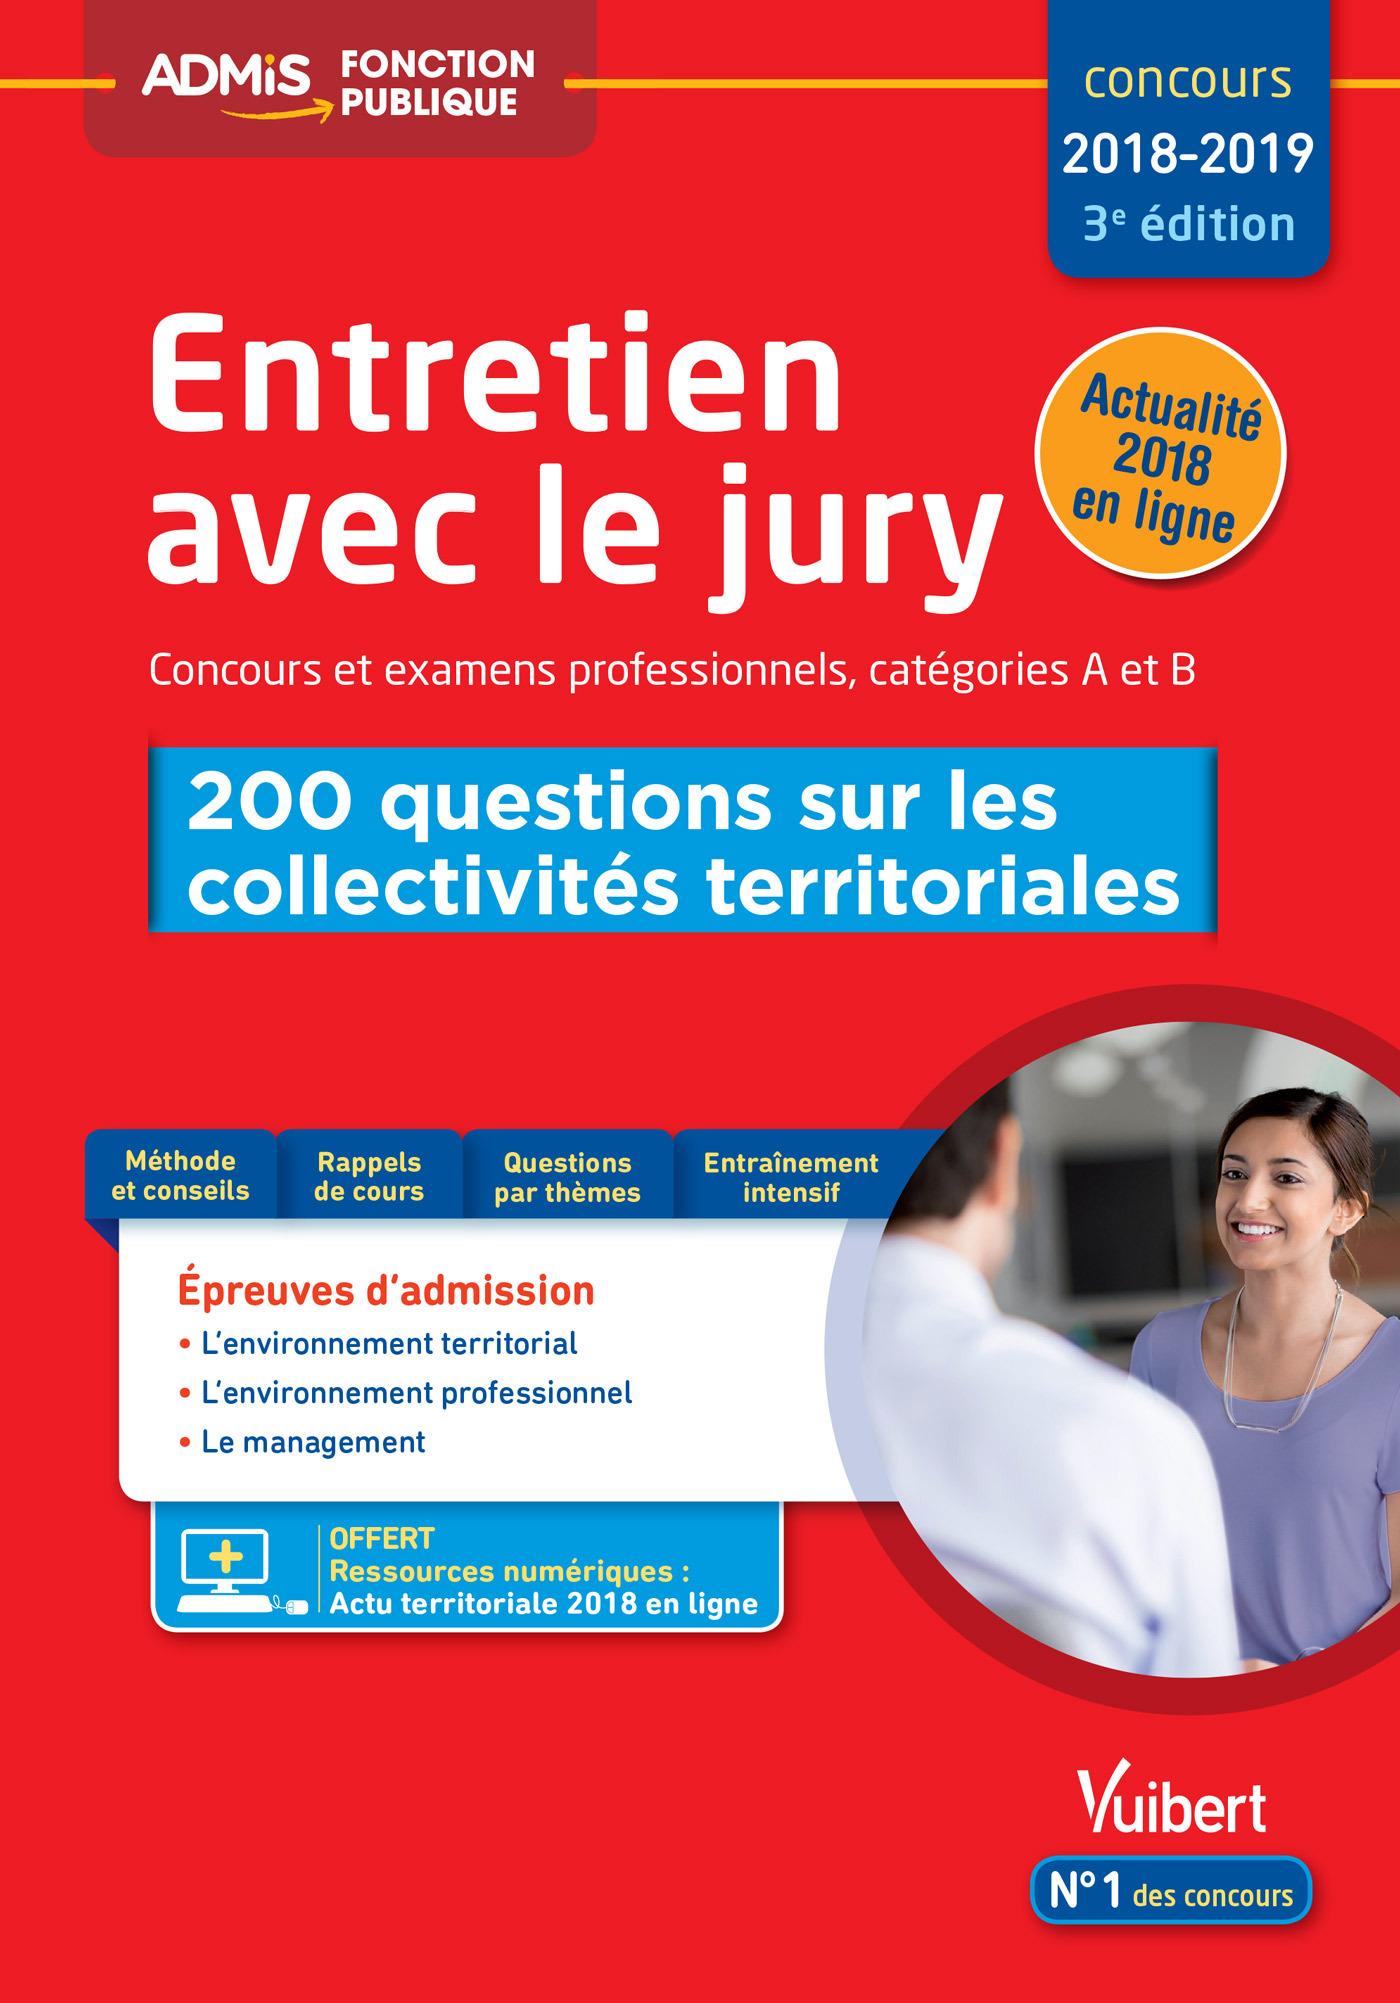 ENTRETIEN AVEC JURY 200 QUESTIONS SUR COLLECTIVITES TERRITORIALES CAT A ET B